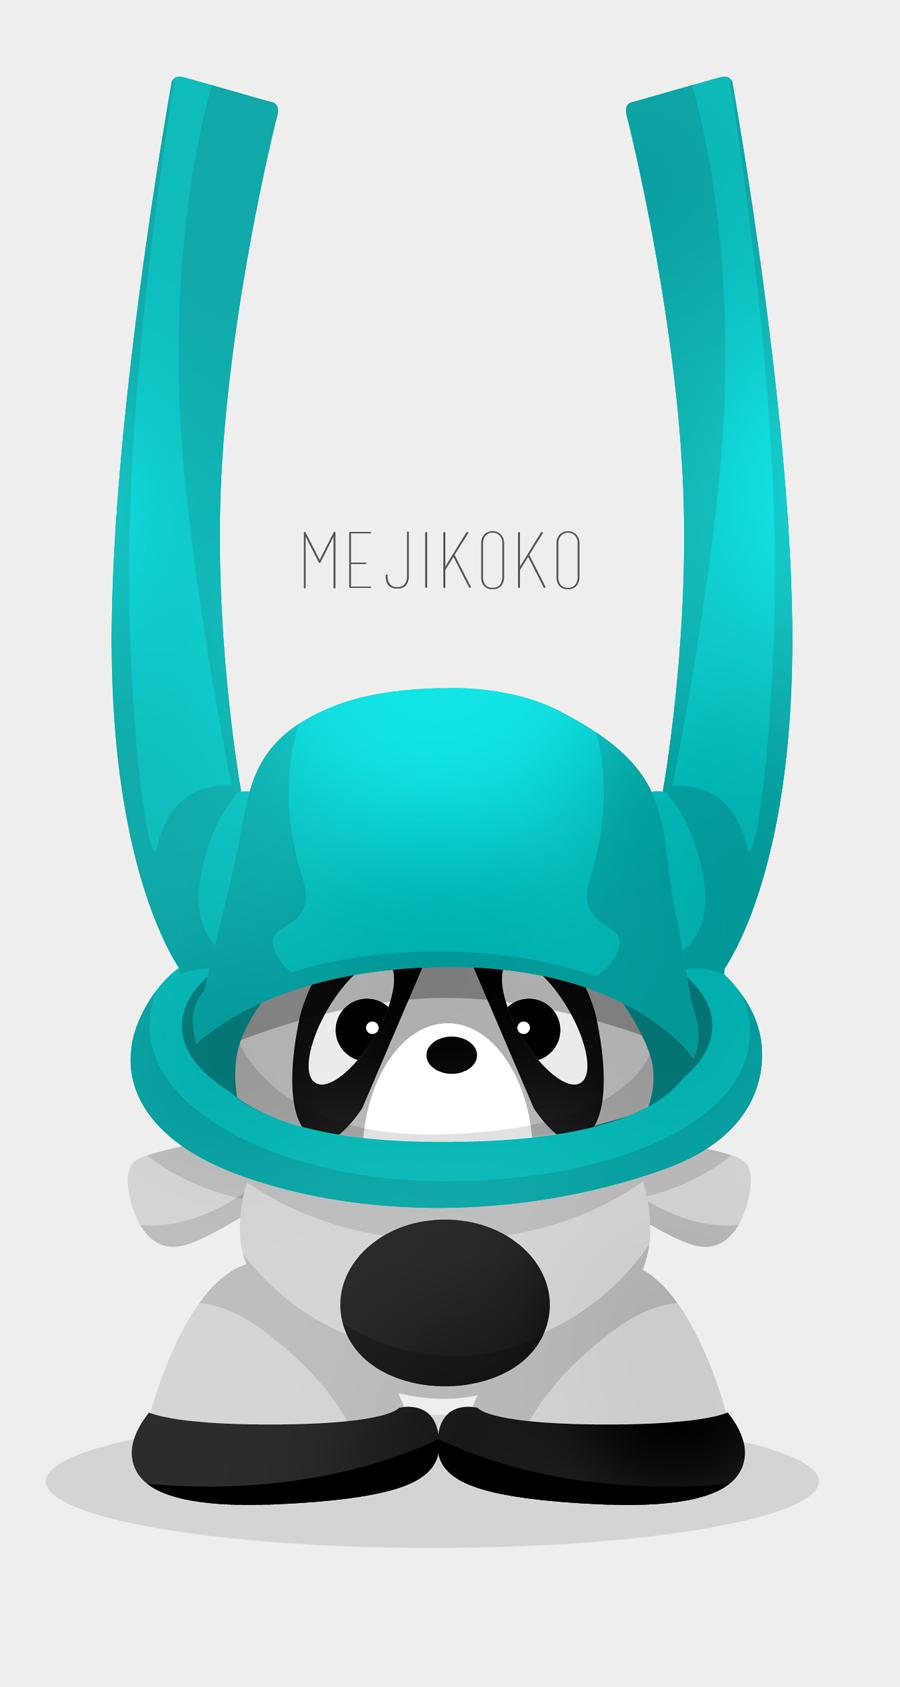 Mejikoko